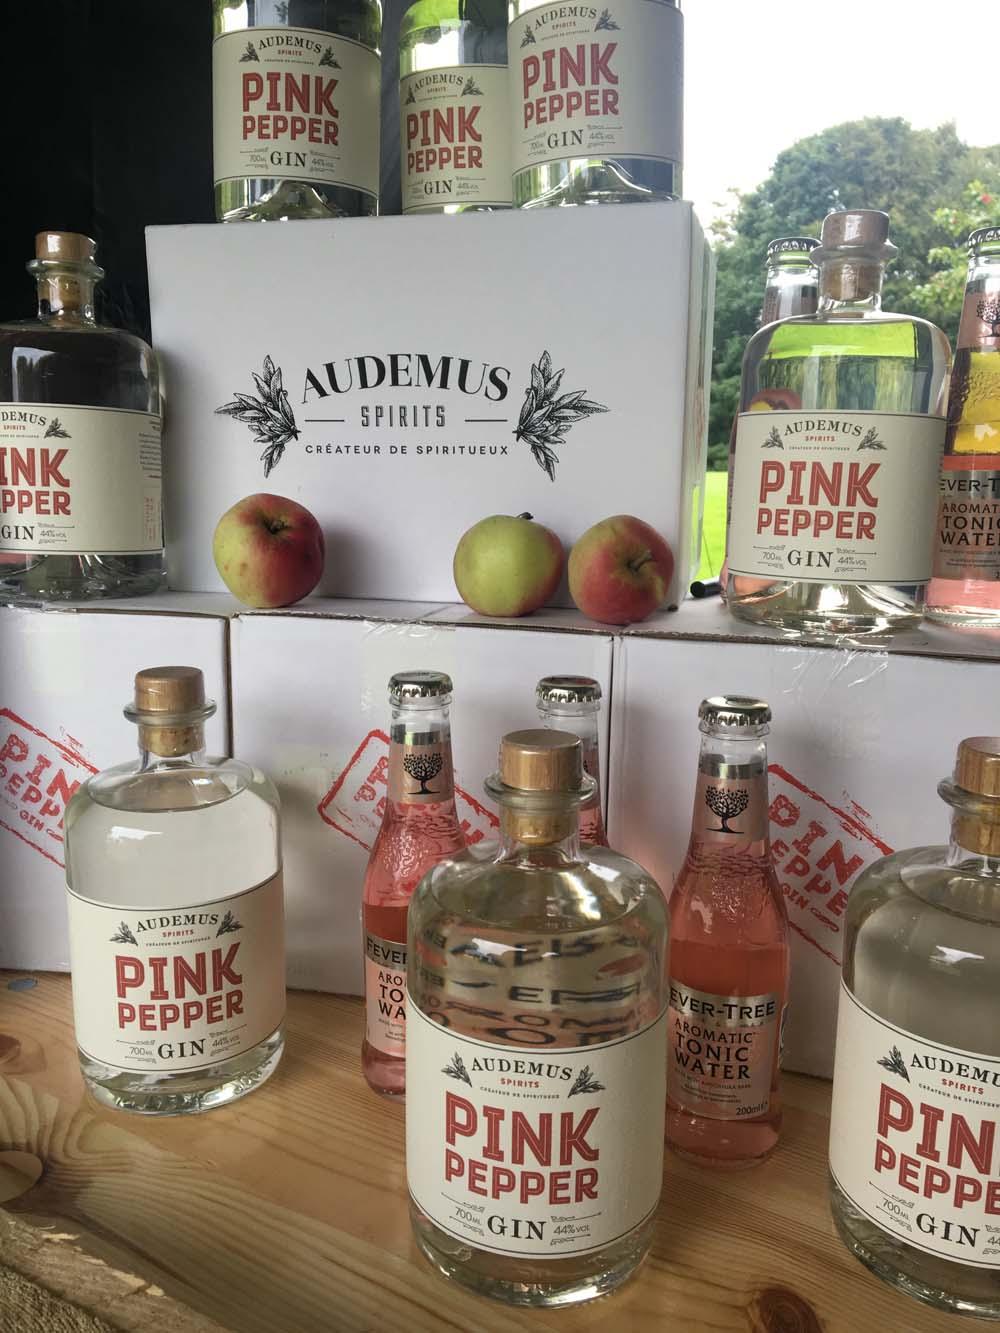 Pink peber gin